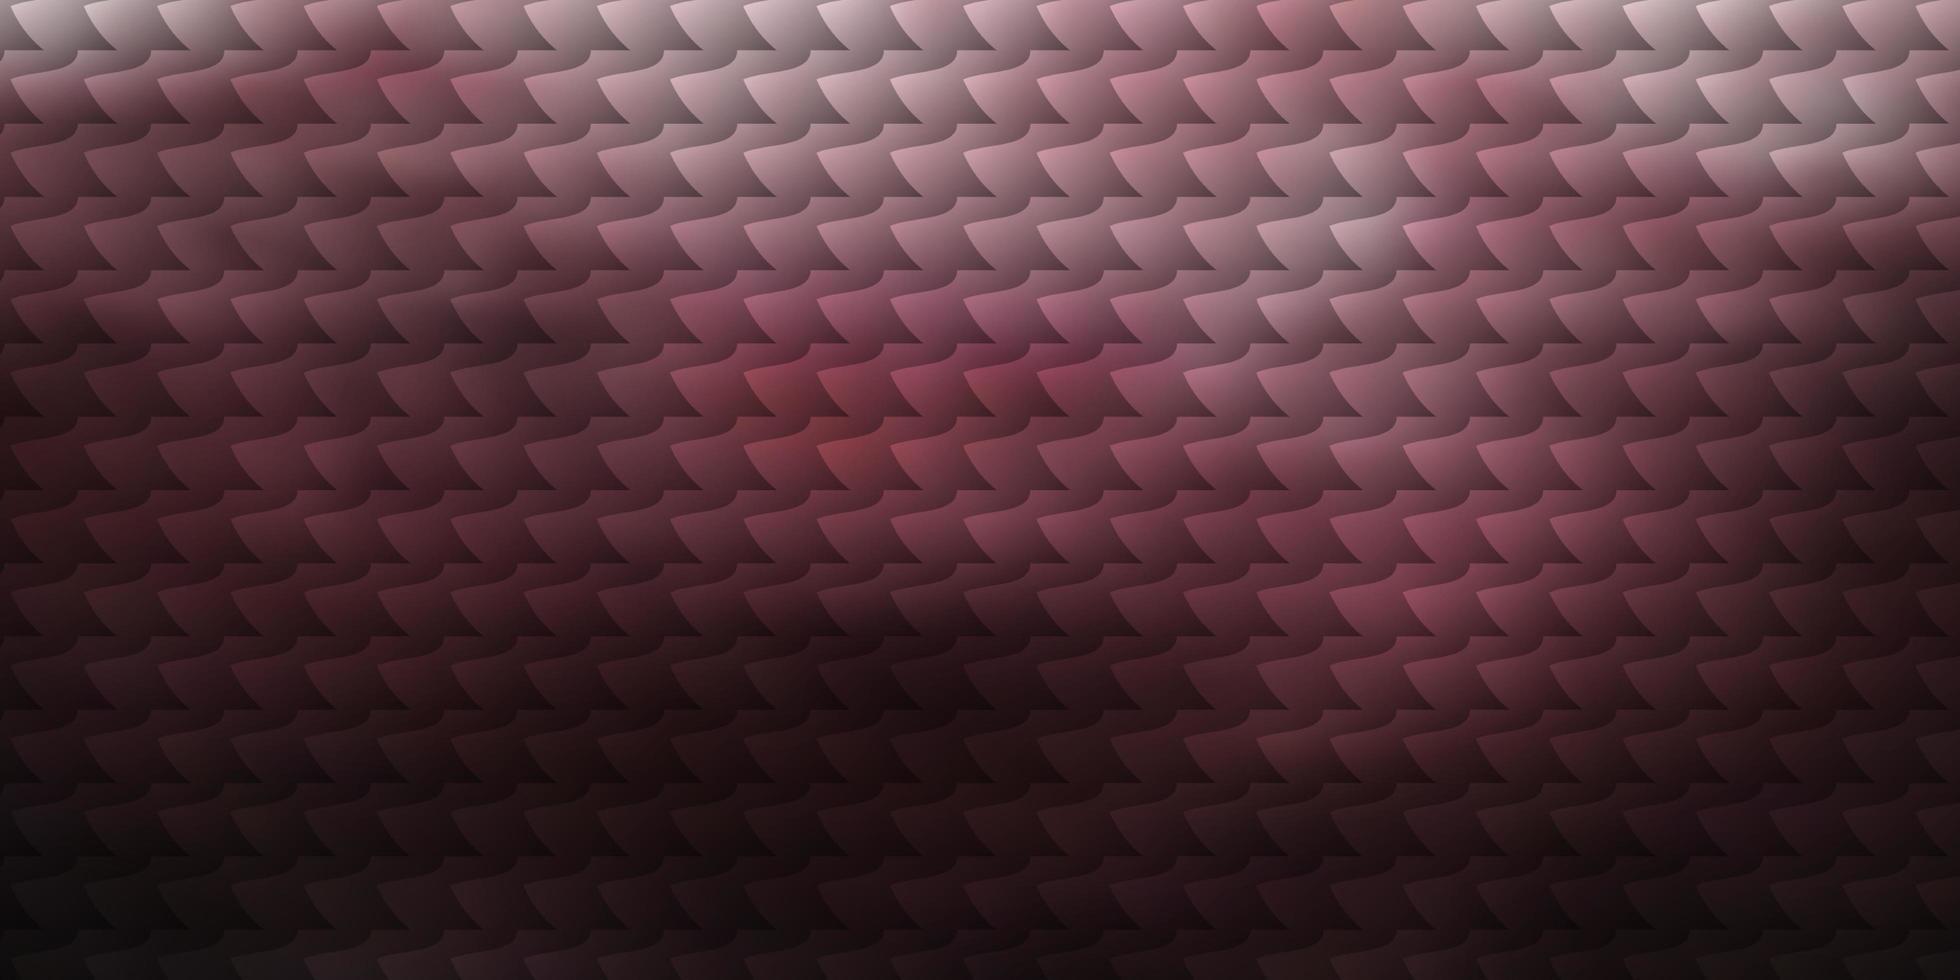 diseño rojo claro con líneas, rectángulos. vector